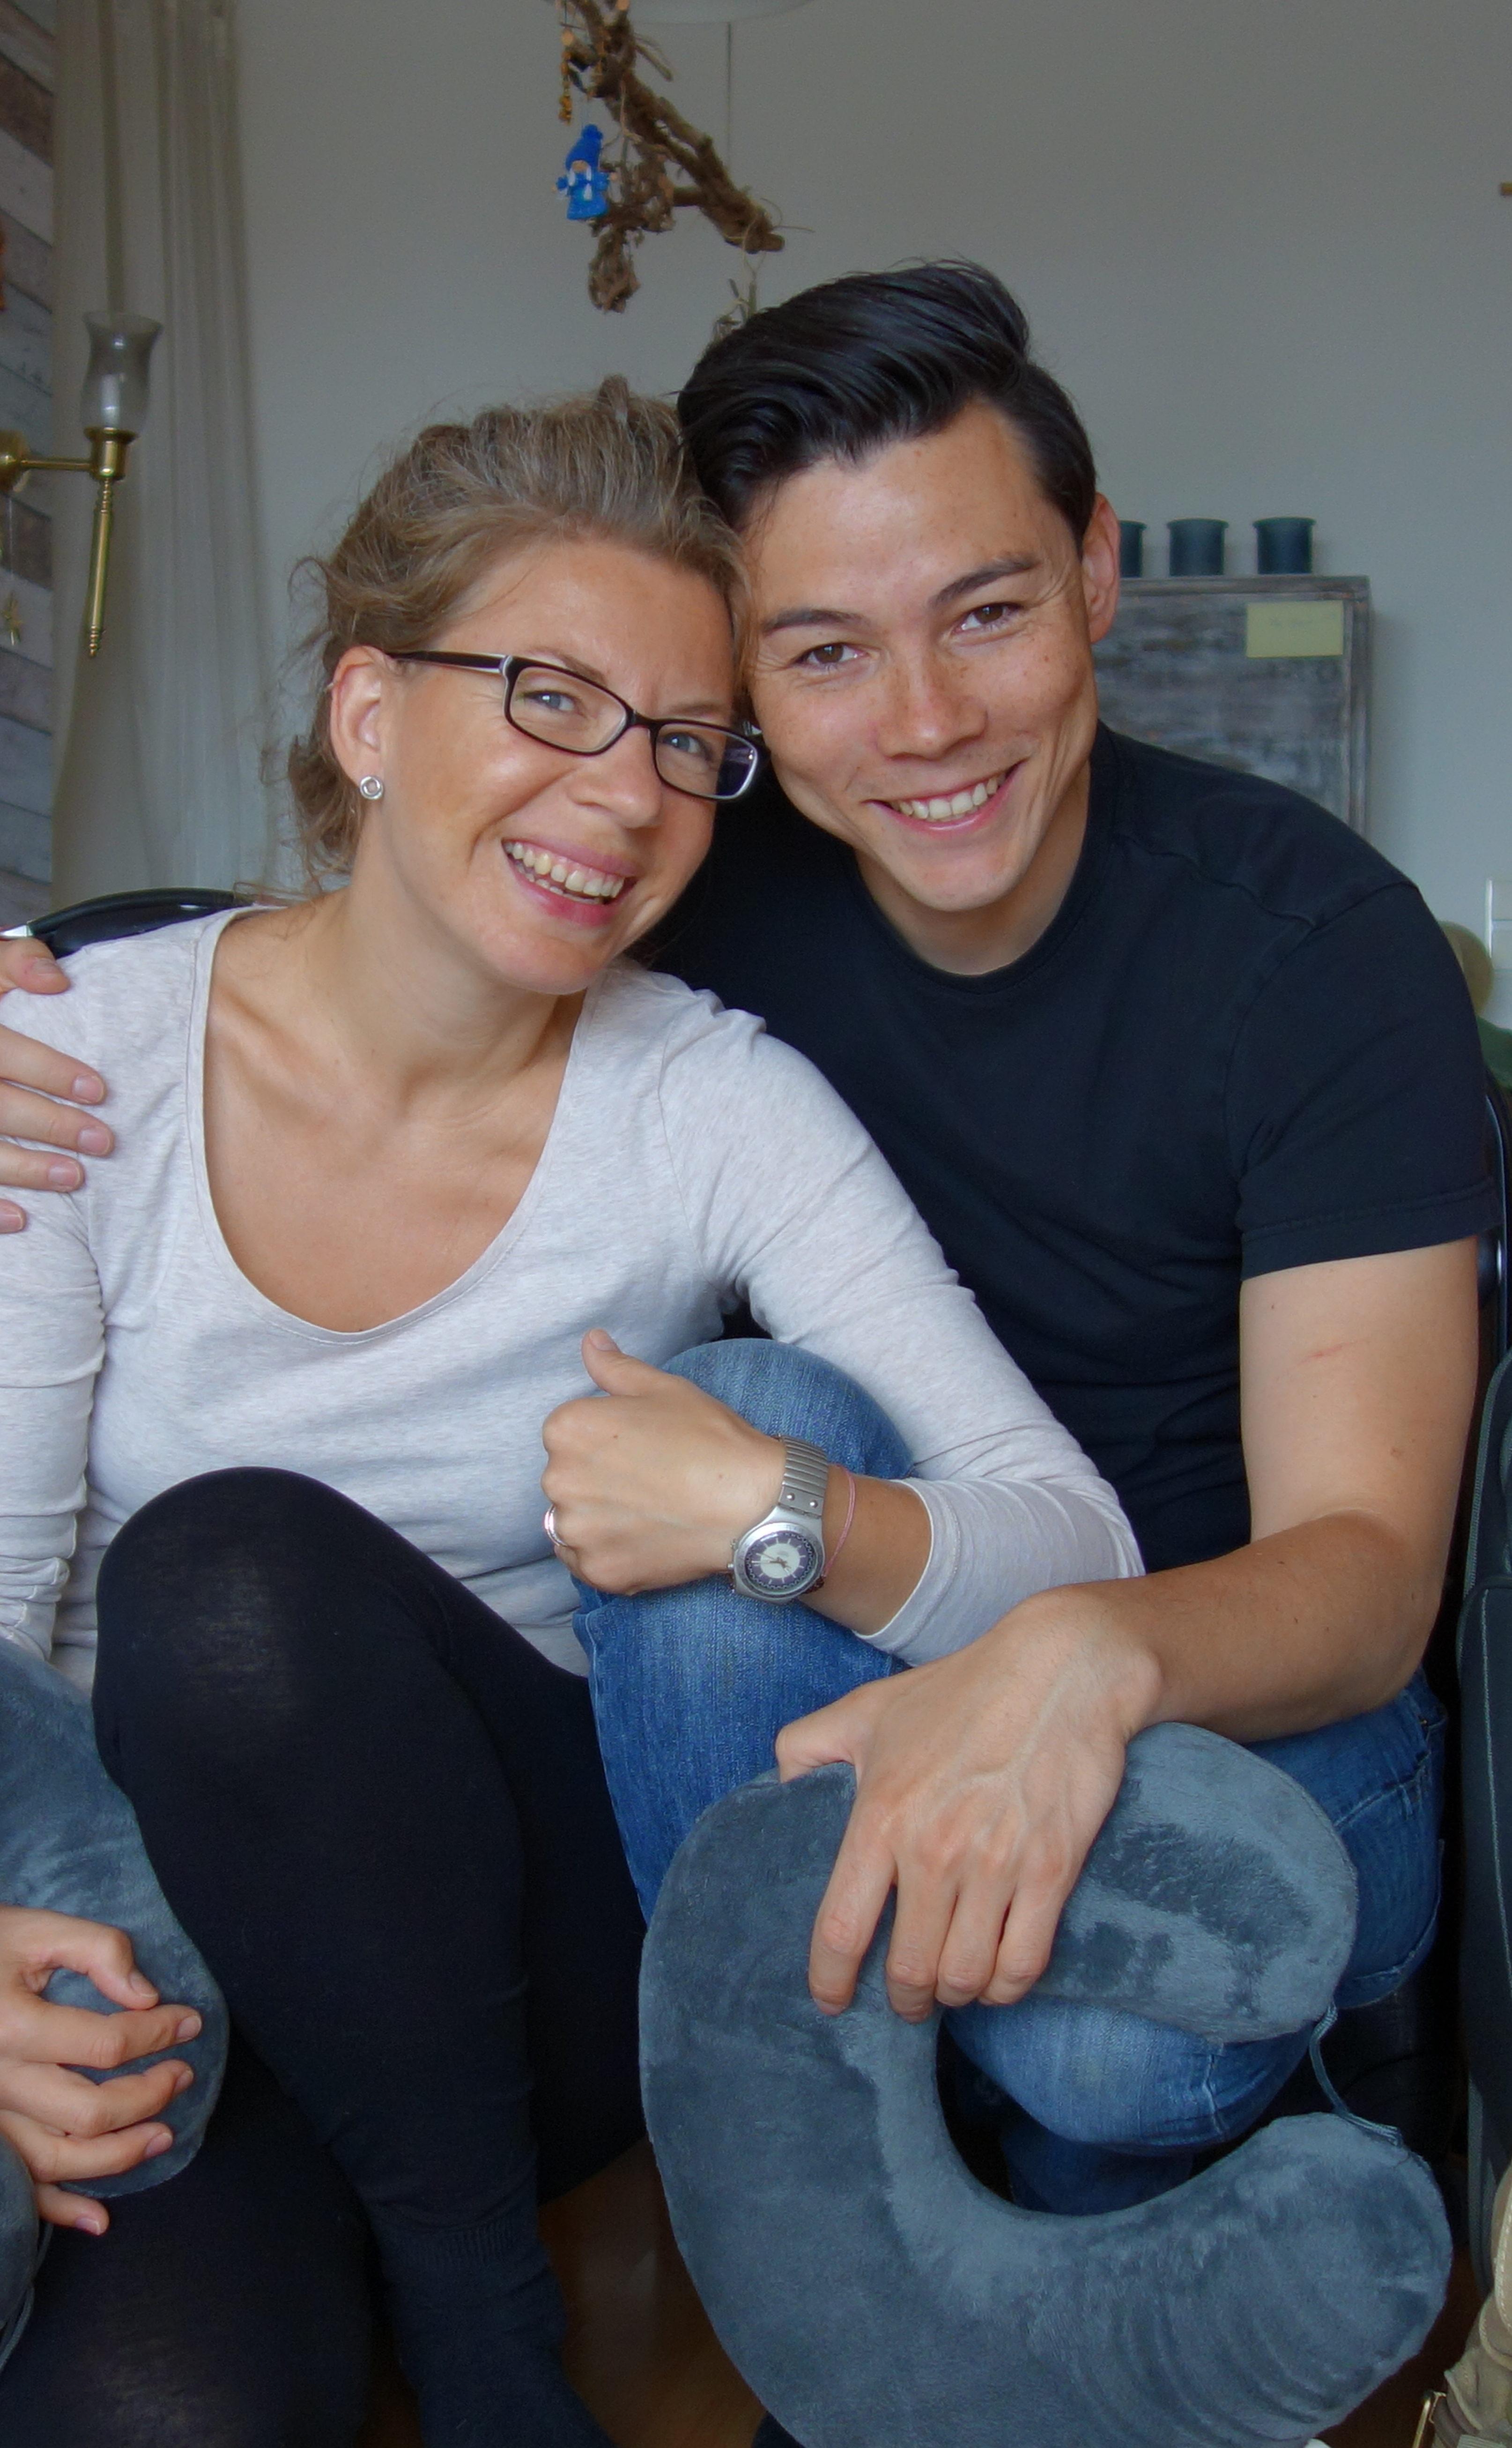 Kiki und Matthias lächeln zum Abschied goodbye